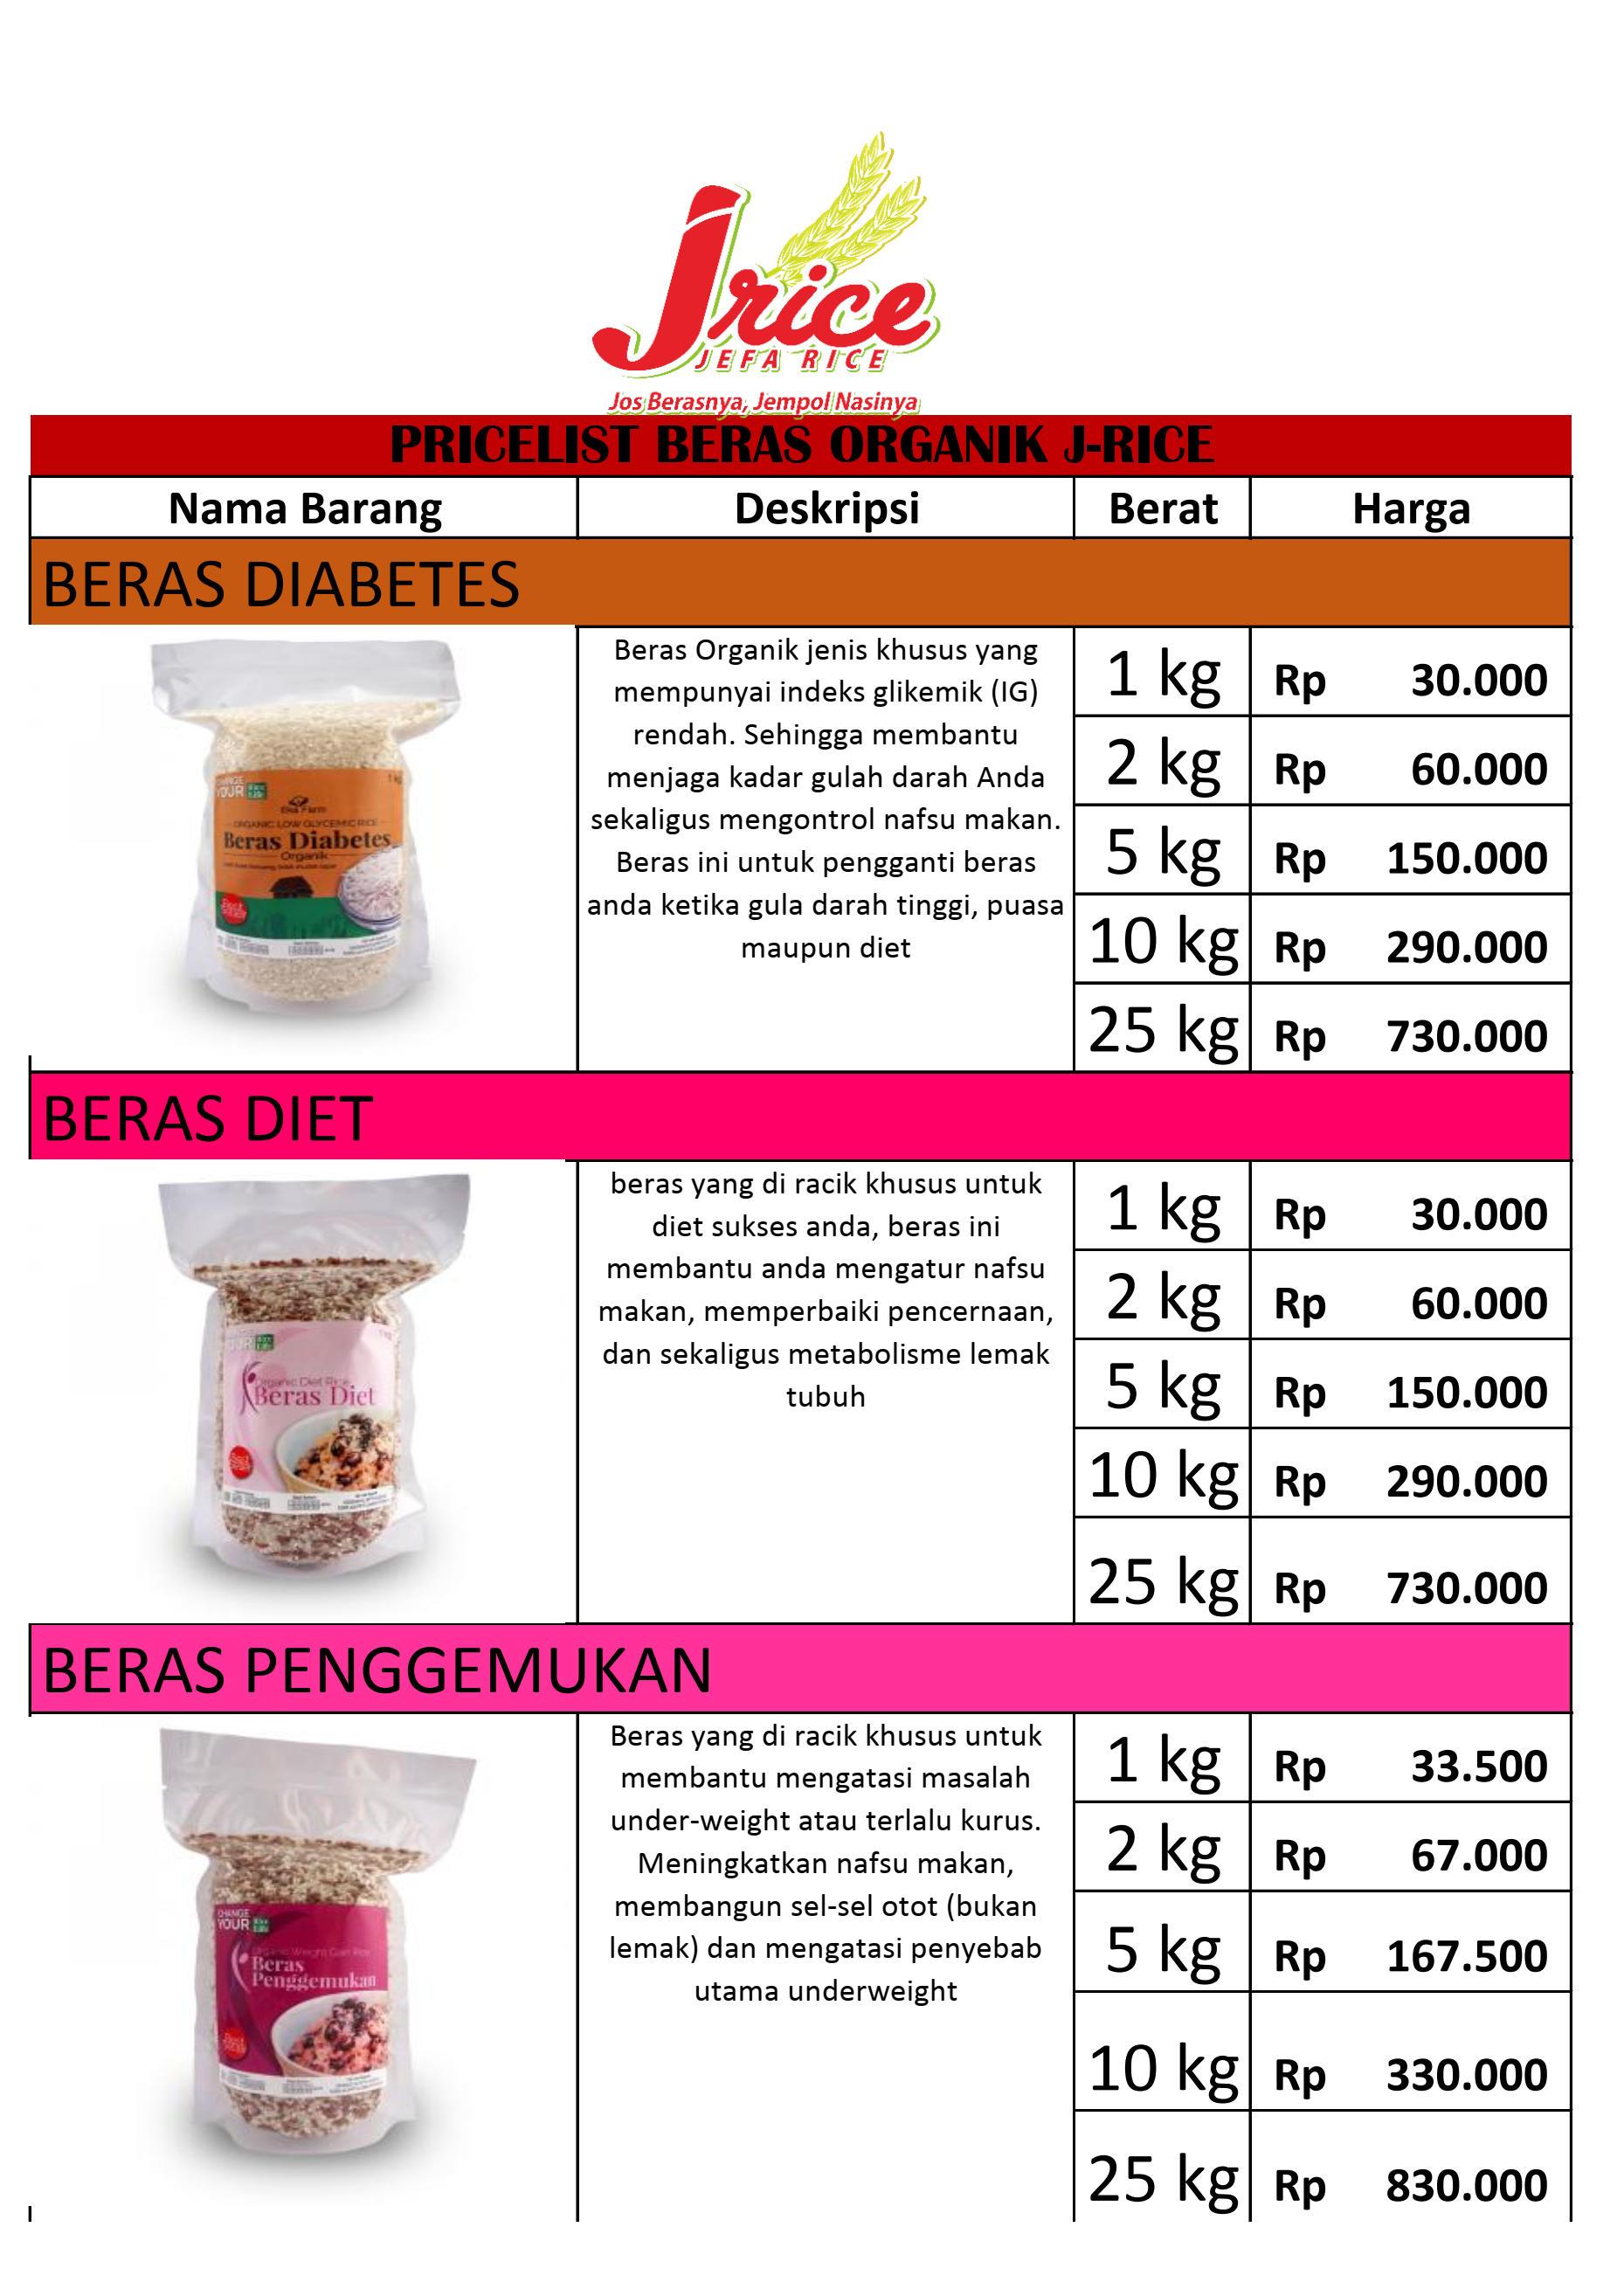 daftar harga beras organik